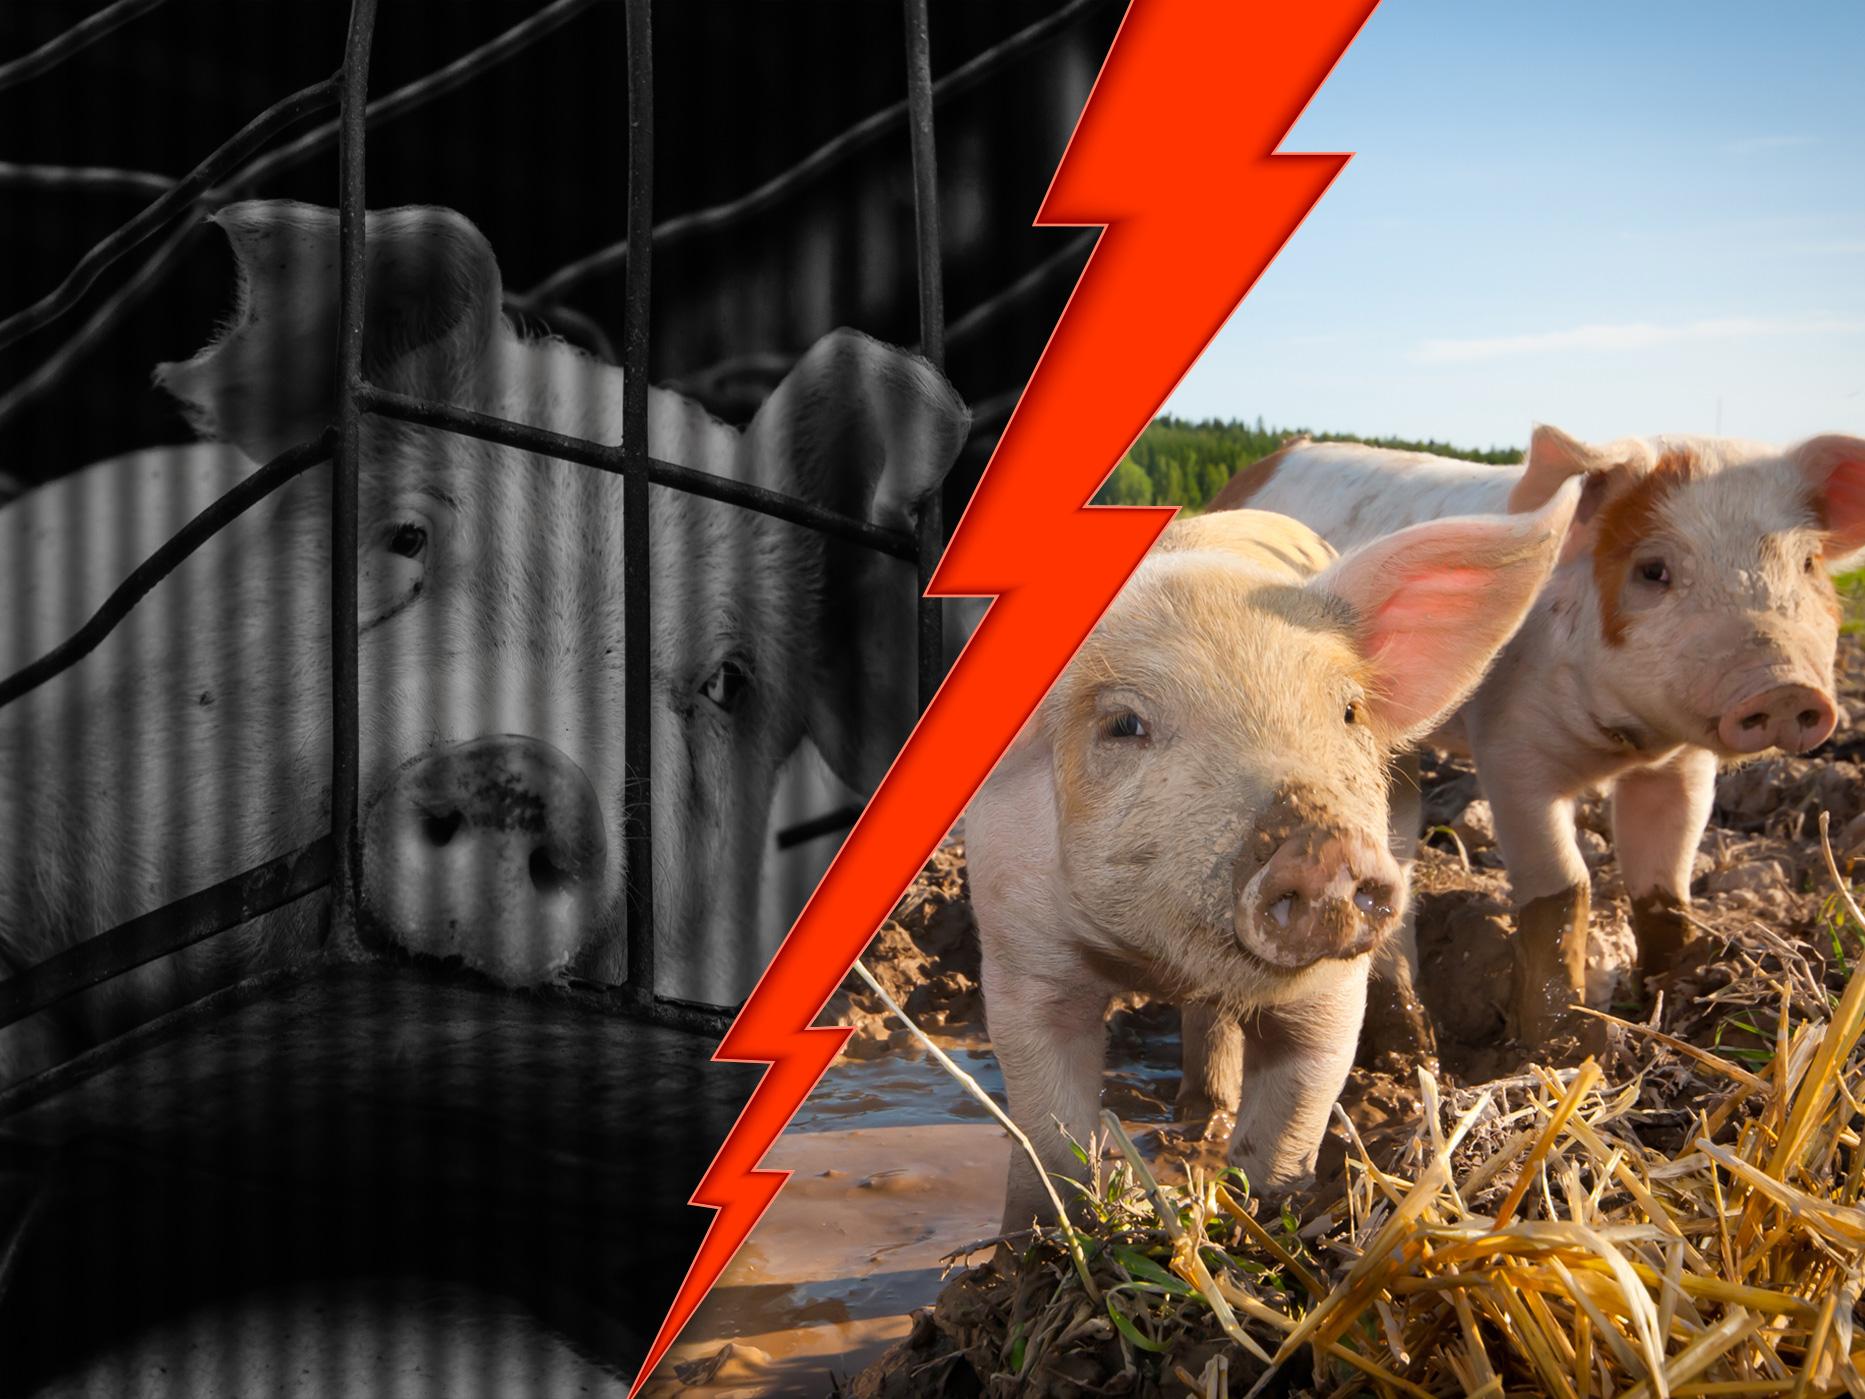 Réinventons le monde de demain pour les animaux